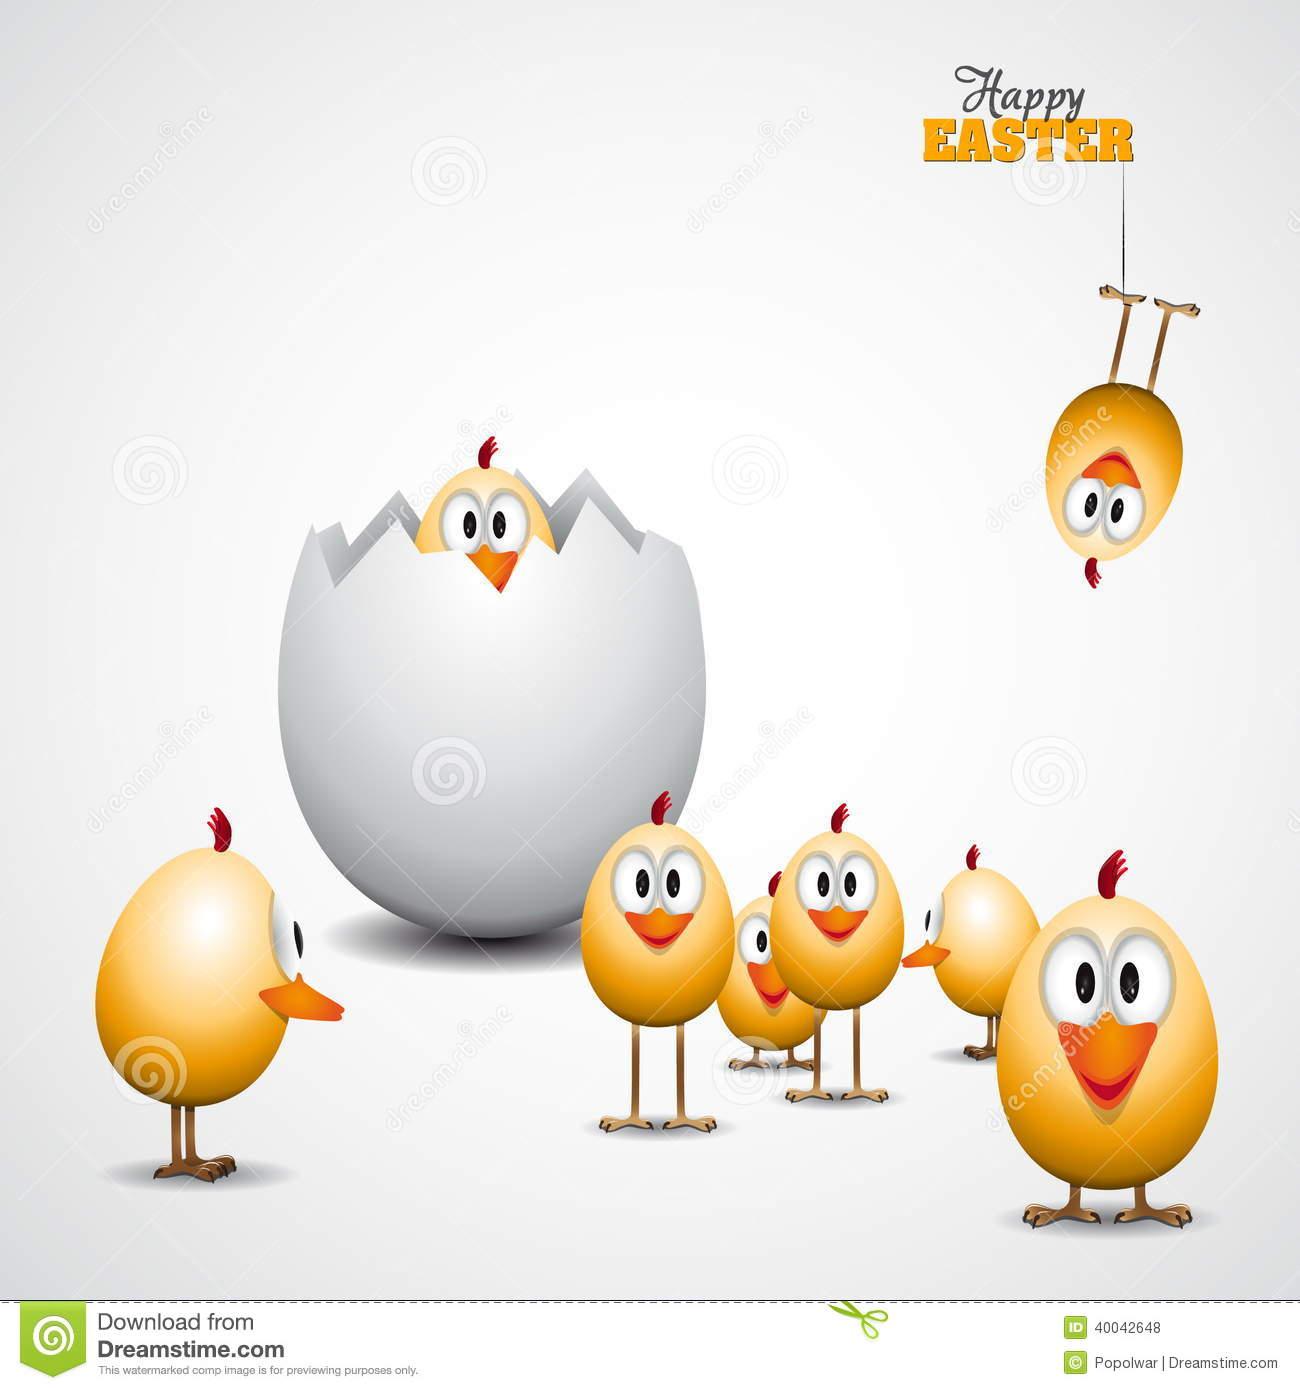 Lustige Ostereiküken, Hintergrundillustration, Fröhliche ganzes Lustiges Zu Ostern